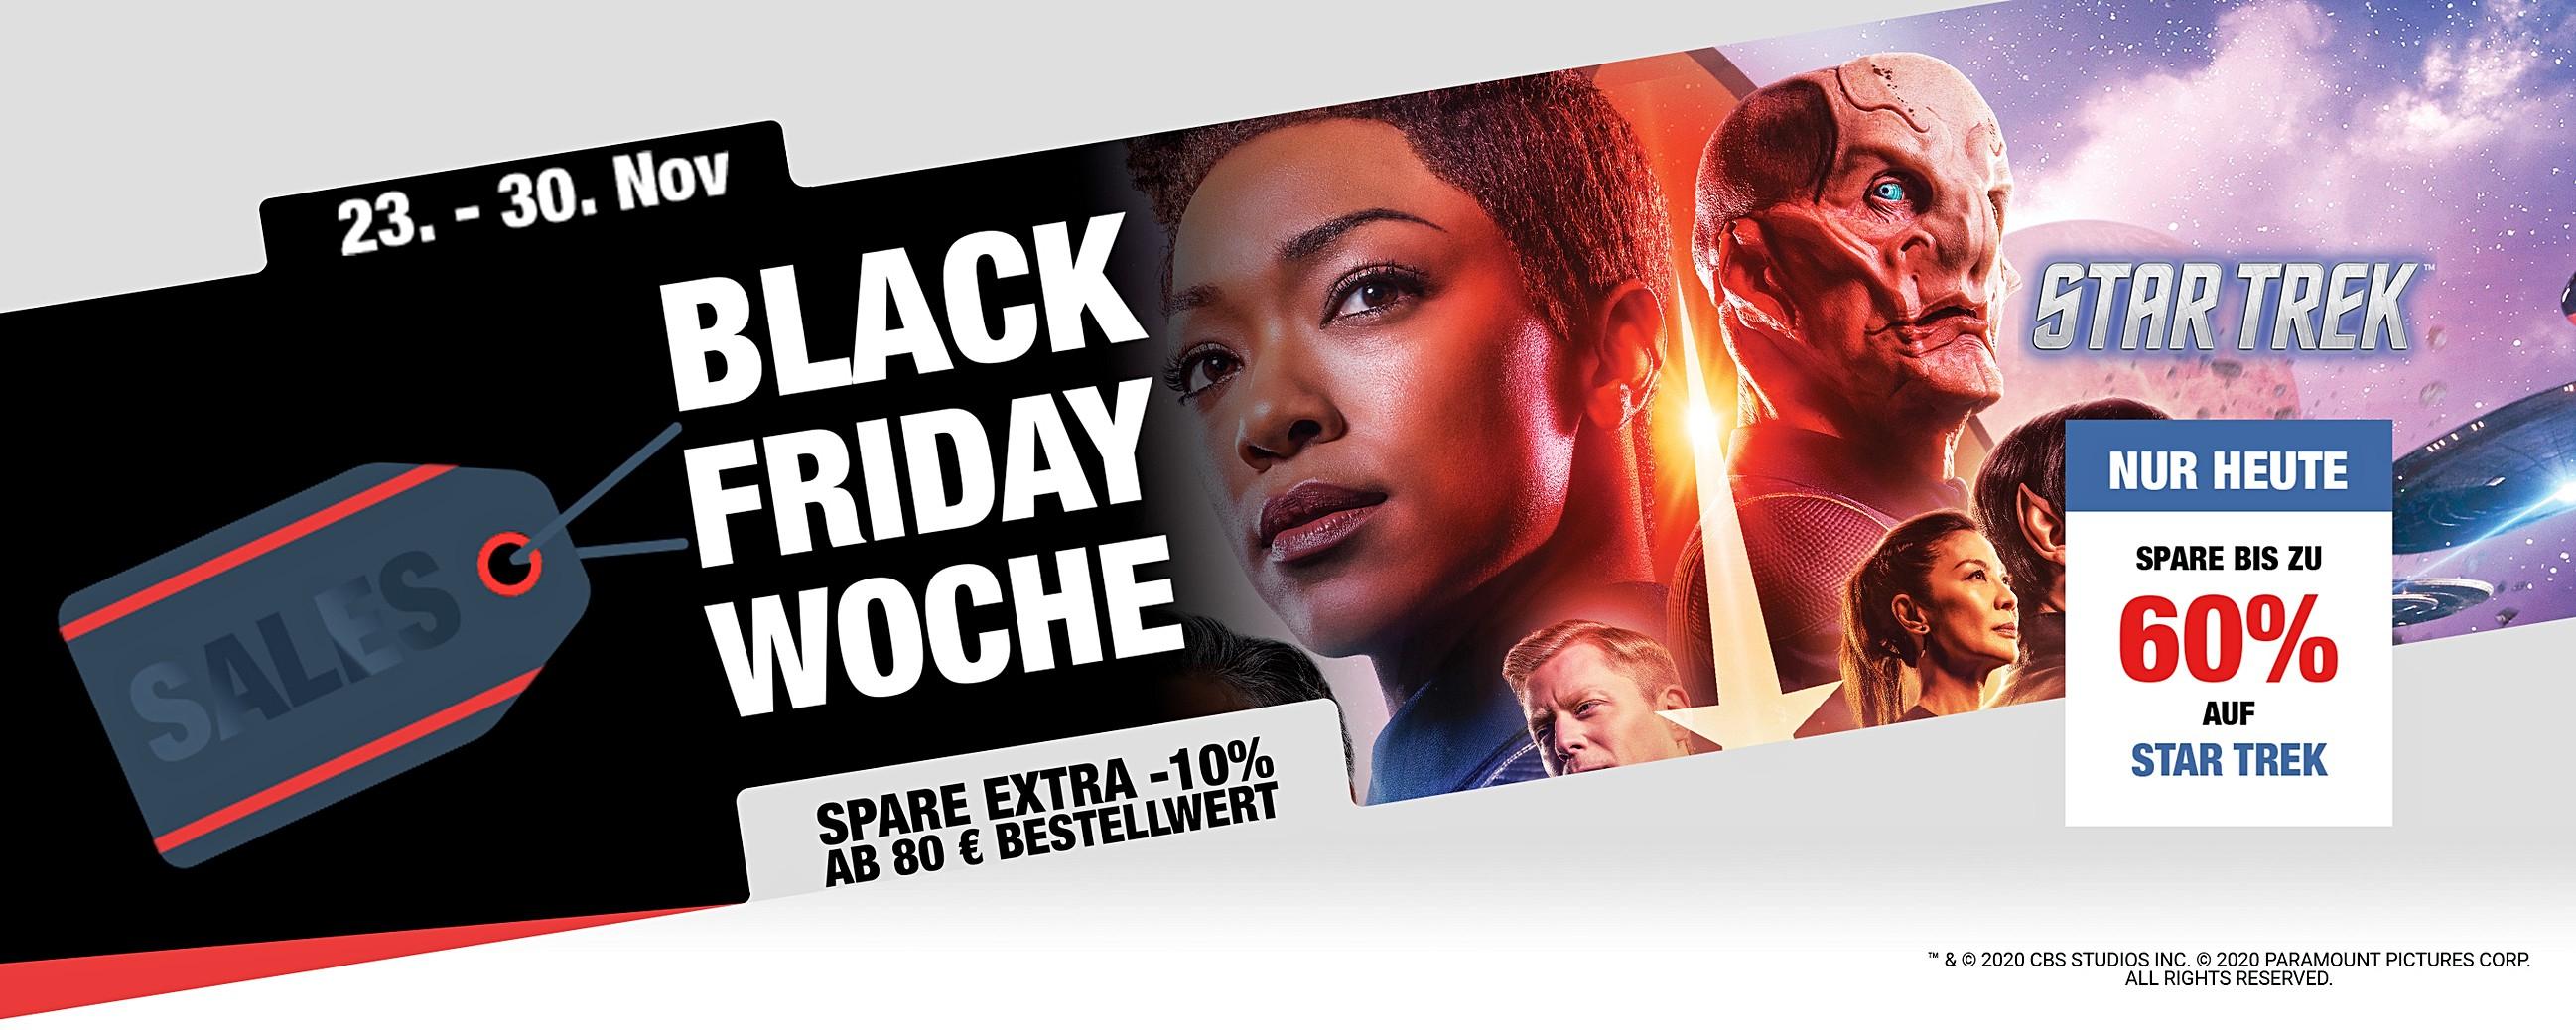 Eaglemoss: Black Friday Angebote - Star Trek Sale, z. B. vergoldetes U.S.S. Enterprise Modell für 22 statt 55 €